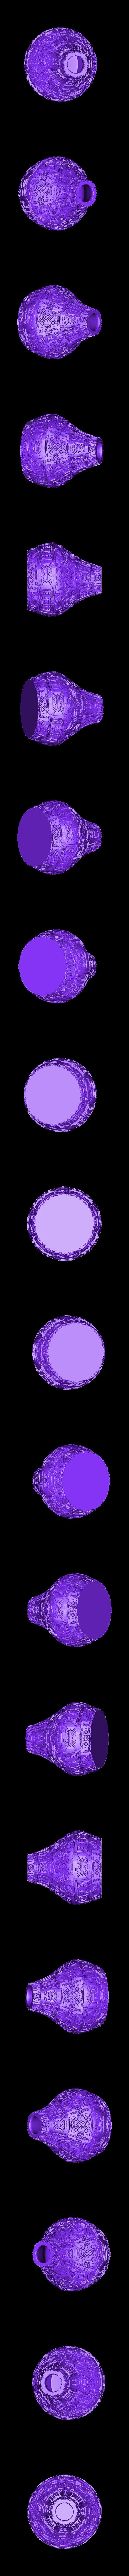 vase star wars .stl Télécharger fichier STL X86 Mini vase collection  • Objet imprimable en 3D, motek